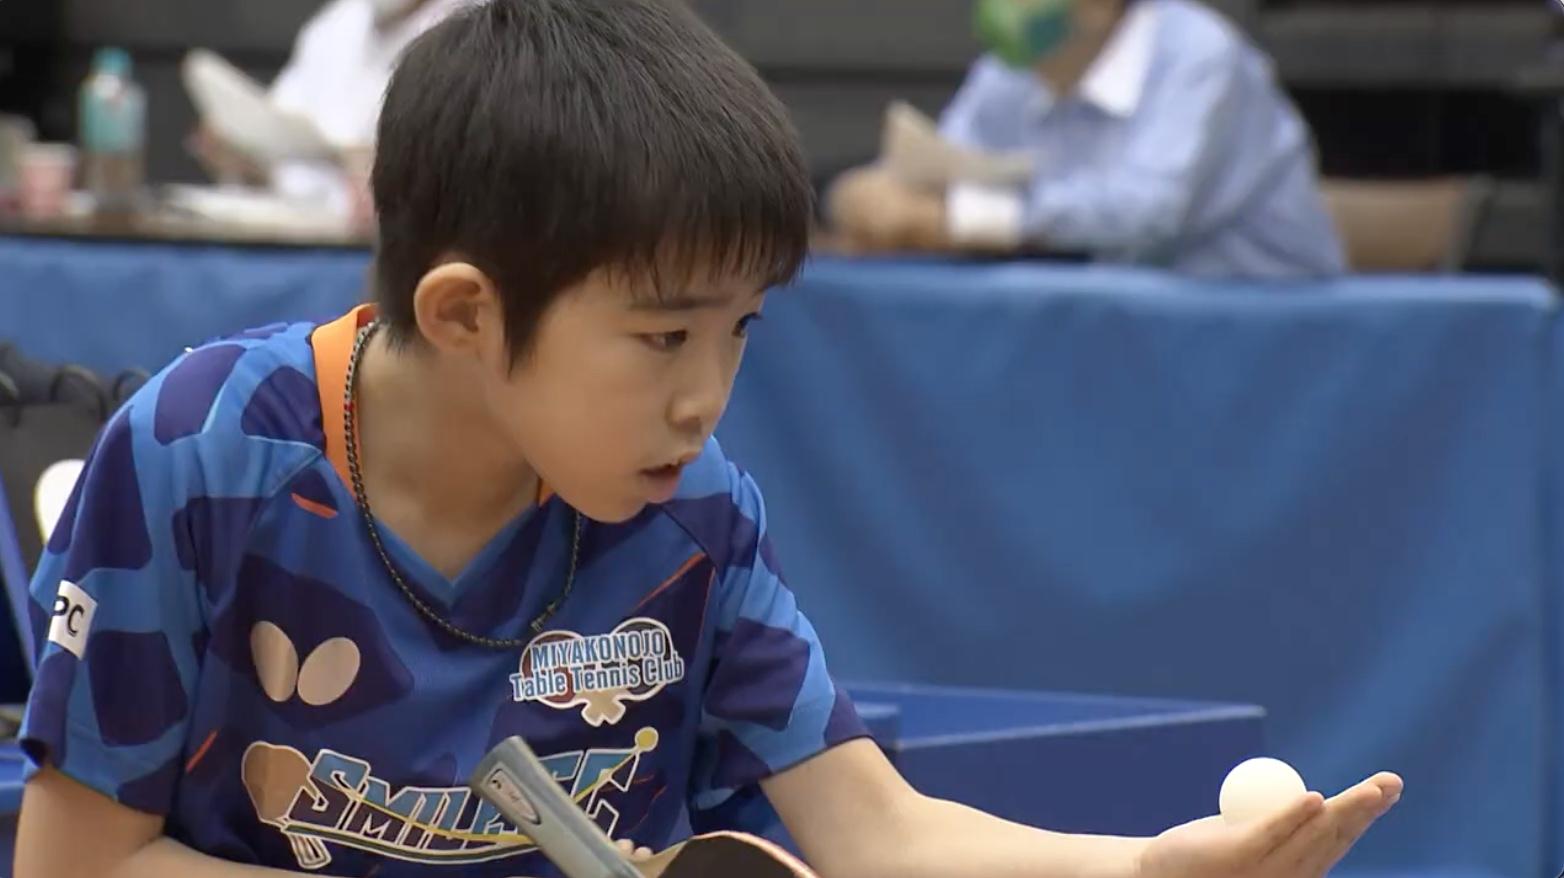 【全農杯2021】ホープス男子準々決勝|松島翔空 vs 郡司景斗